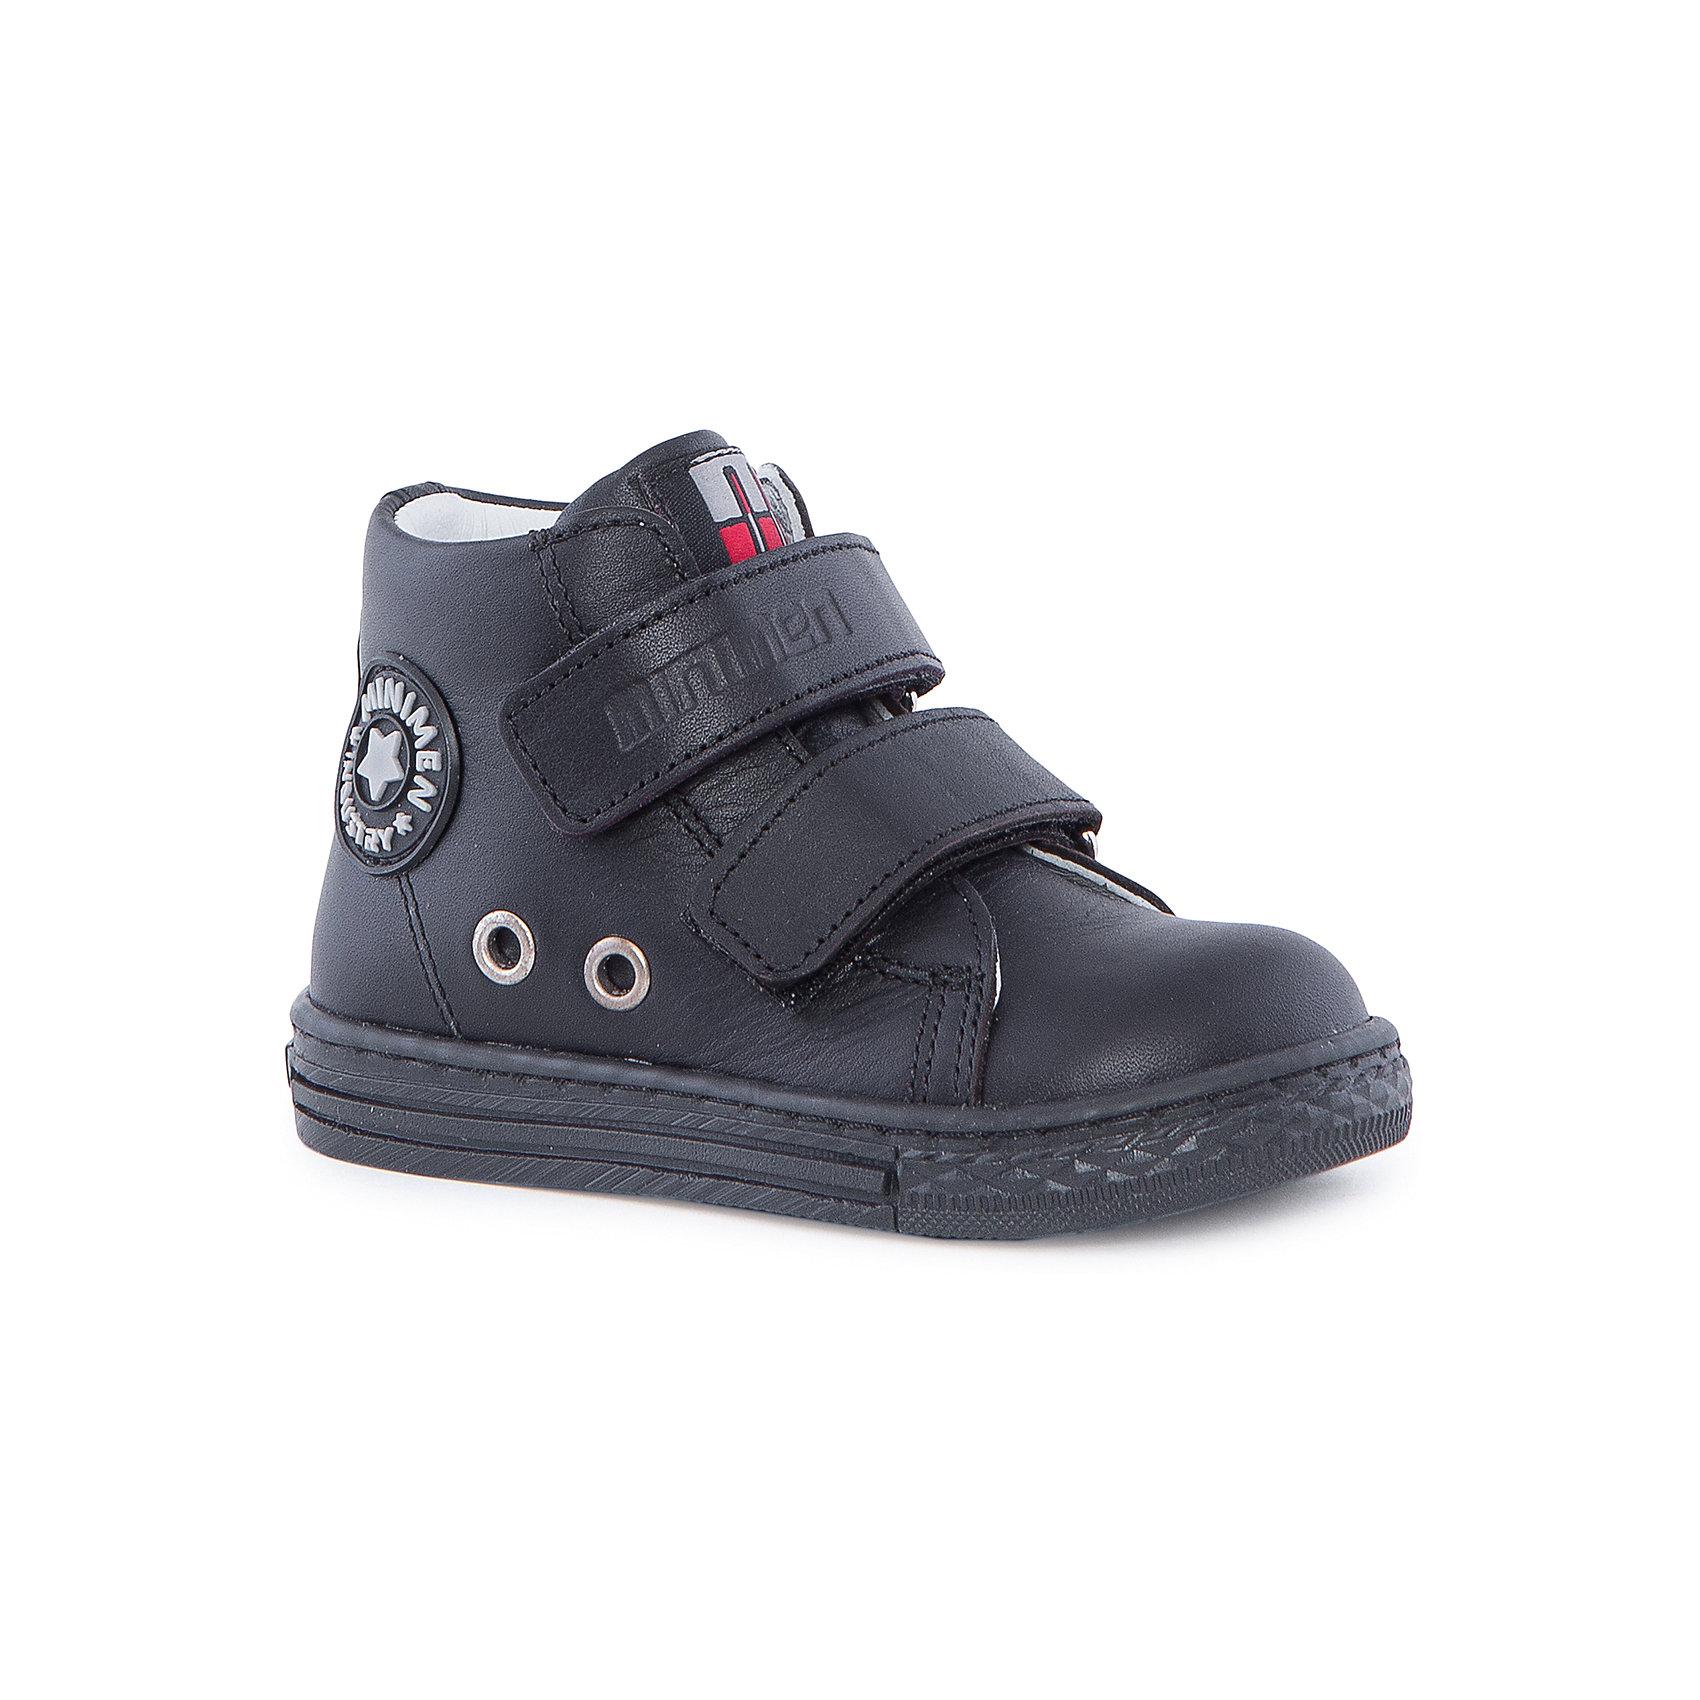 Ботинки для мальчика MinimenБотинки<br>Стильные и практичные ботиночки от Minimen. Они имеют ортопедическую стельку и толстую подошву. Ботинки легко надевать и застегивать при помощи липучек. Кроме того, вы можете не переживать о промокших ногах, если ребенок пройдет по луже. Отлично подойдут для осени.<br><br>Дополнительная информация:<br>Стелька: супинатор<br>Цвет: темно-синий<br>Сезон: осень<br>Материал: кожа<br><br>Ботинки Minimen можно купить в нашем интернет-магазине.<br><br>Ширина мм: 262<br>Глубина мм: 176<br>Высота мм: 97<br>Вес г: 427<br>Цвет: синий<br>Возраст от месяцев: 60<br>Возраст до месяцев: 72<br>Пол: Мужской<br>Возраст: Детский<br>Размер: 29,27,28,30,25,26<br>SKU: 4970010